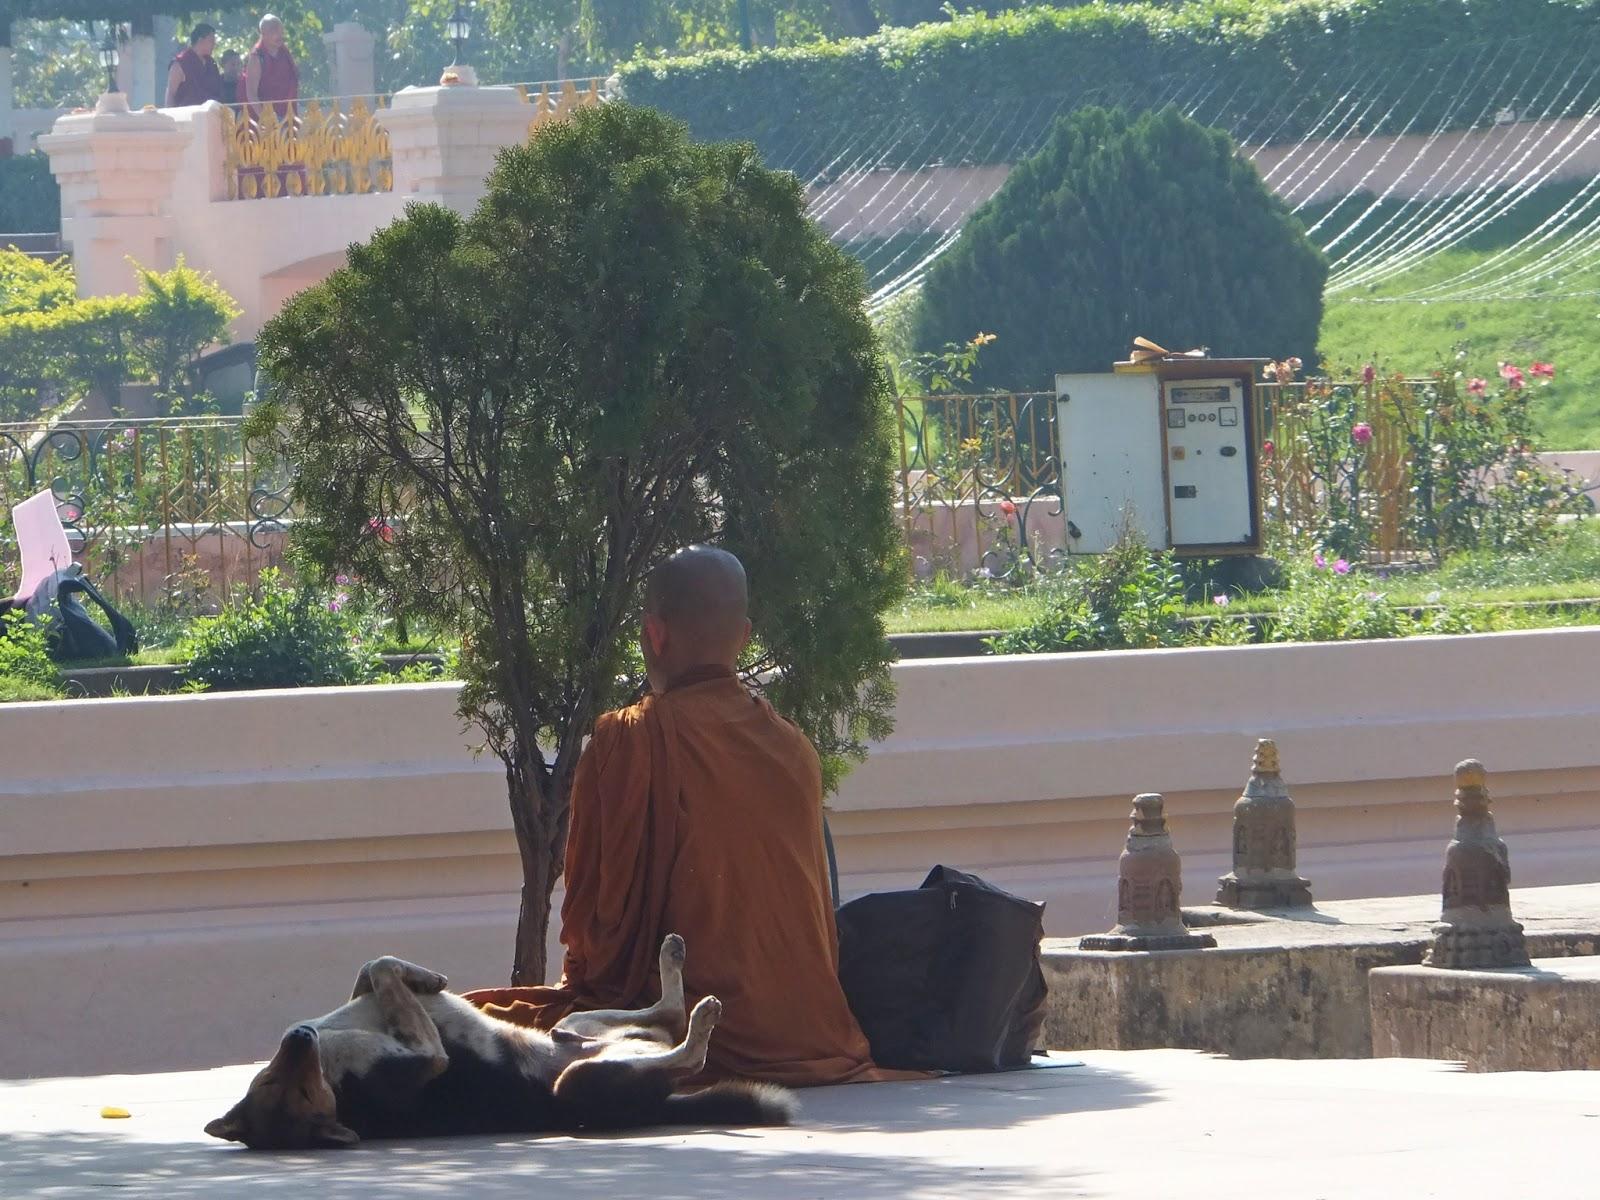 Буддисты индусы одеты в одежды цвета охры, а тибетцы в маруновые одеяния